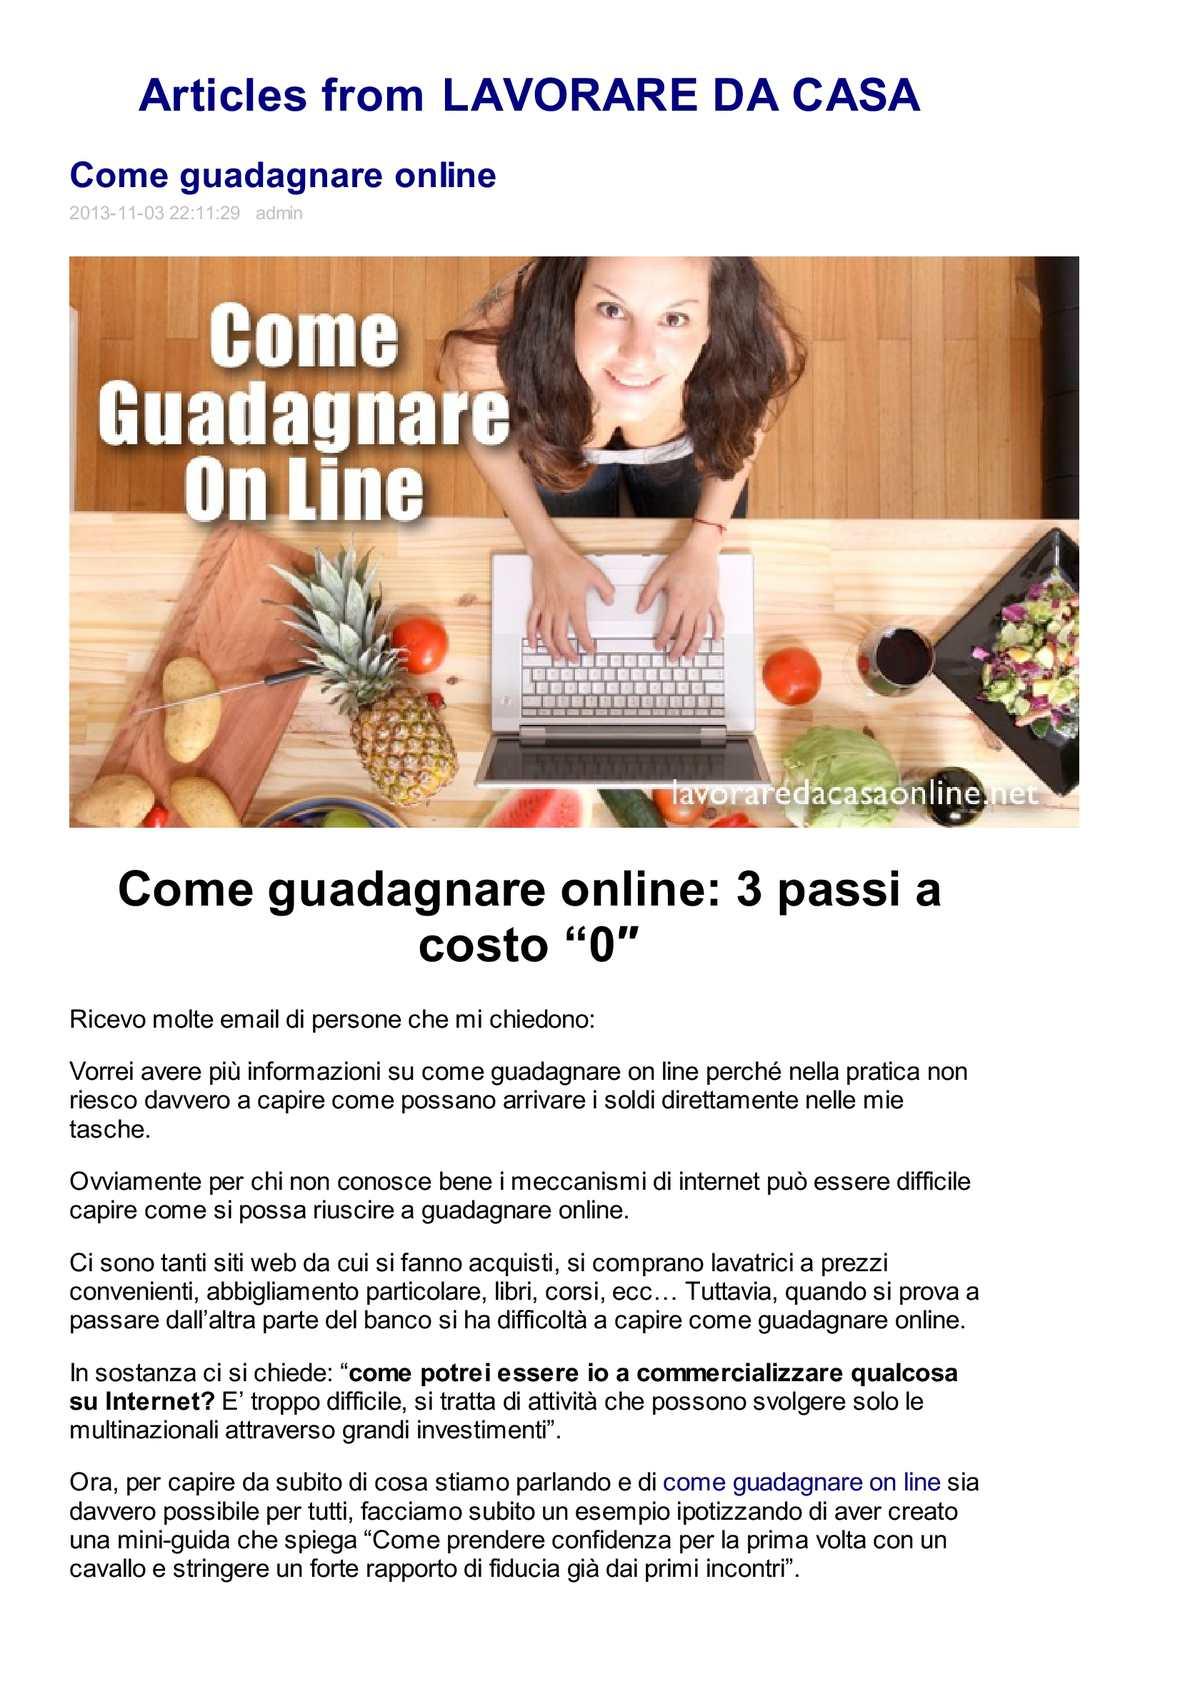 incontri gratuiti online senza costi siti di incontri emo